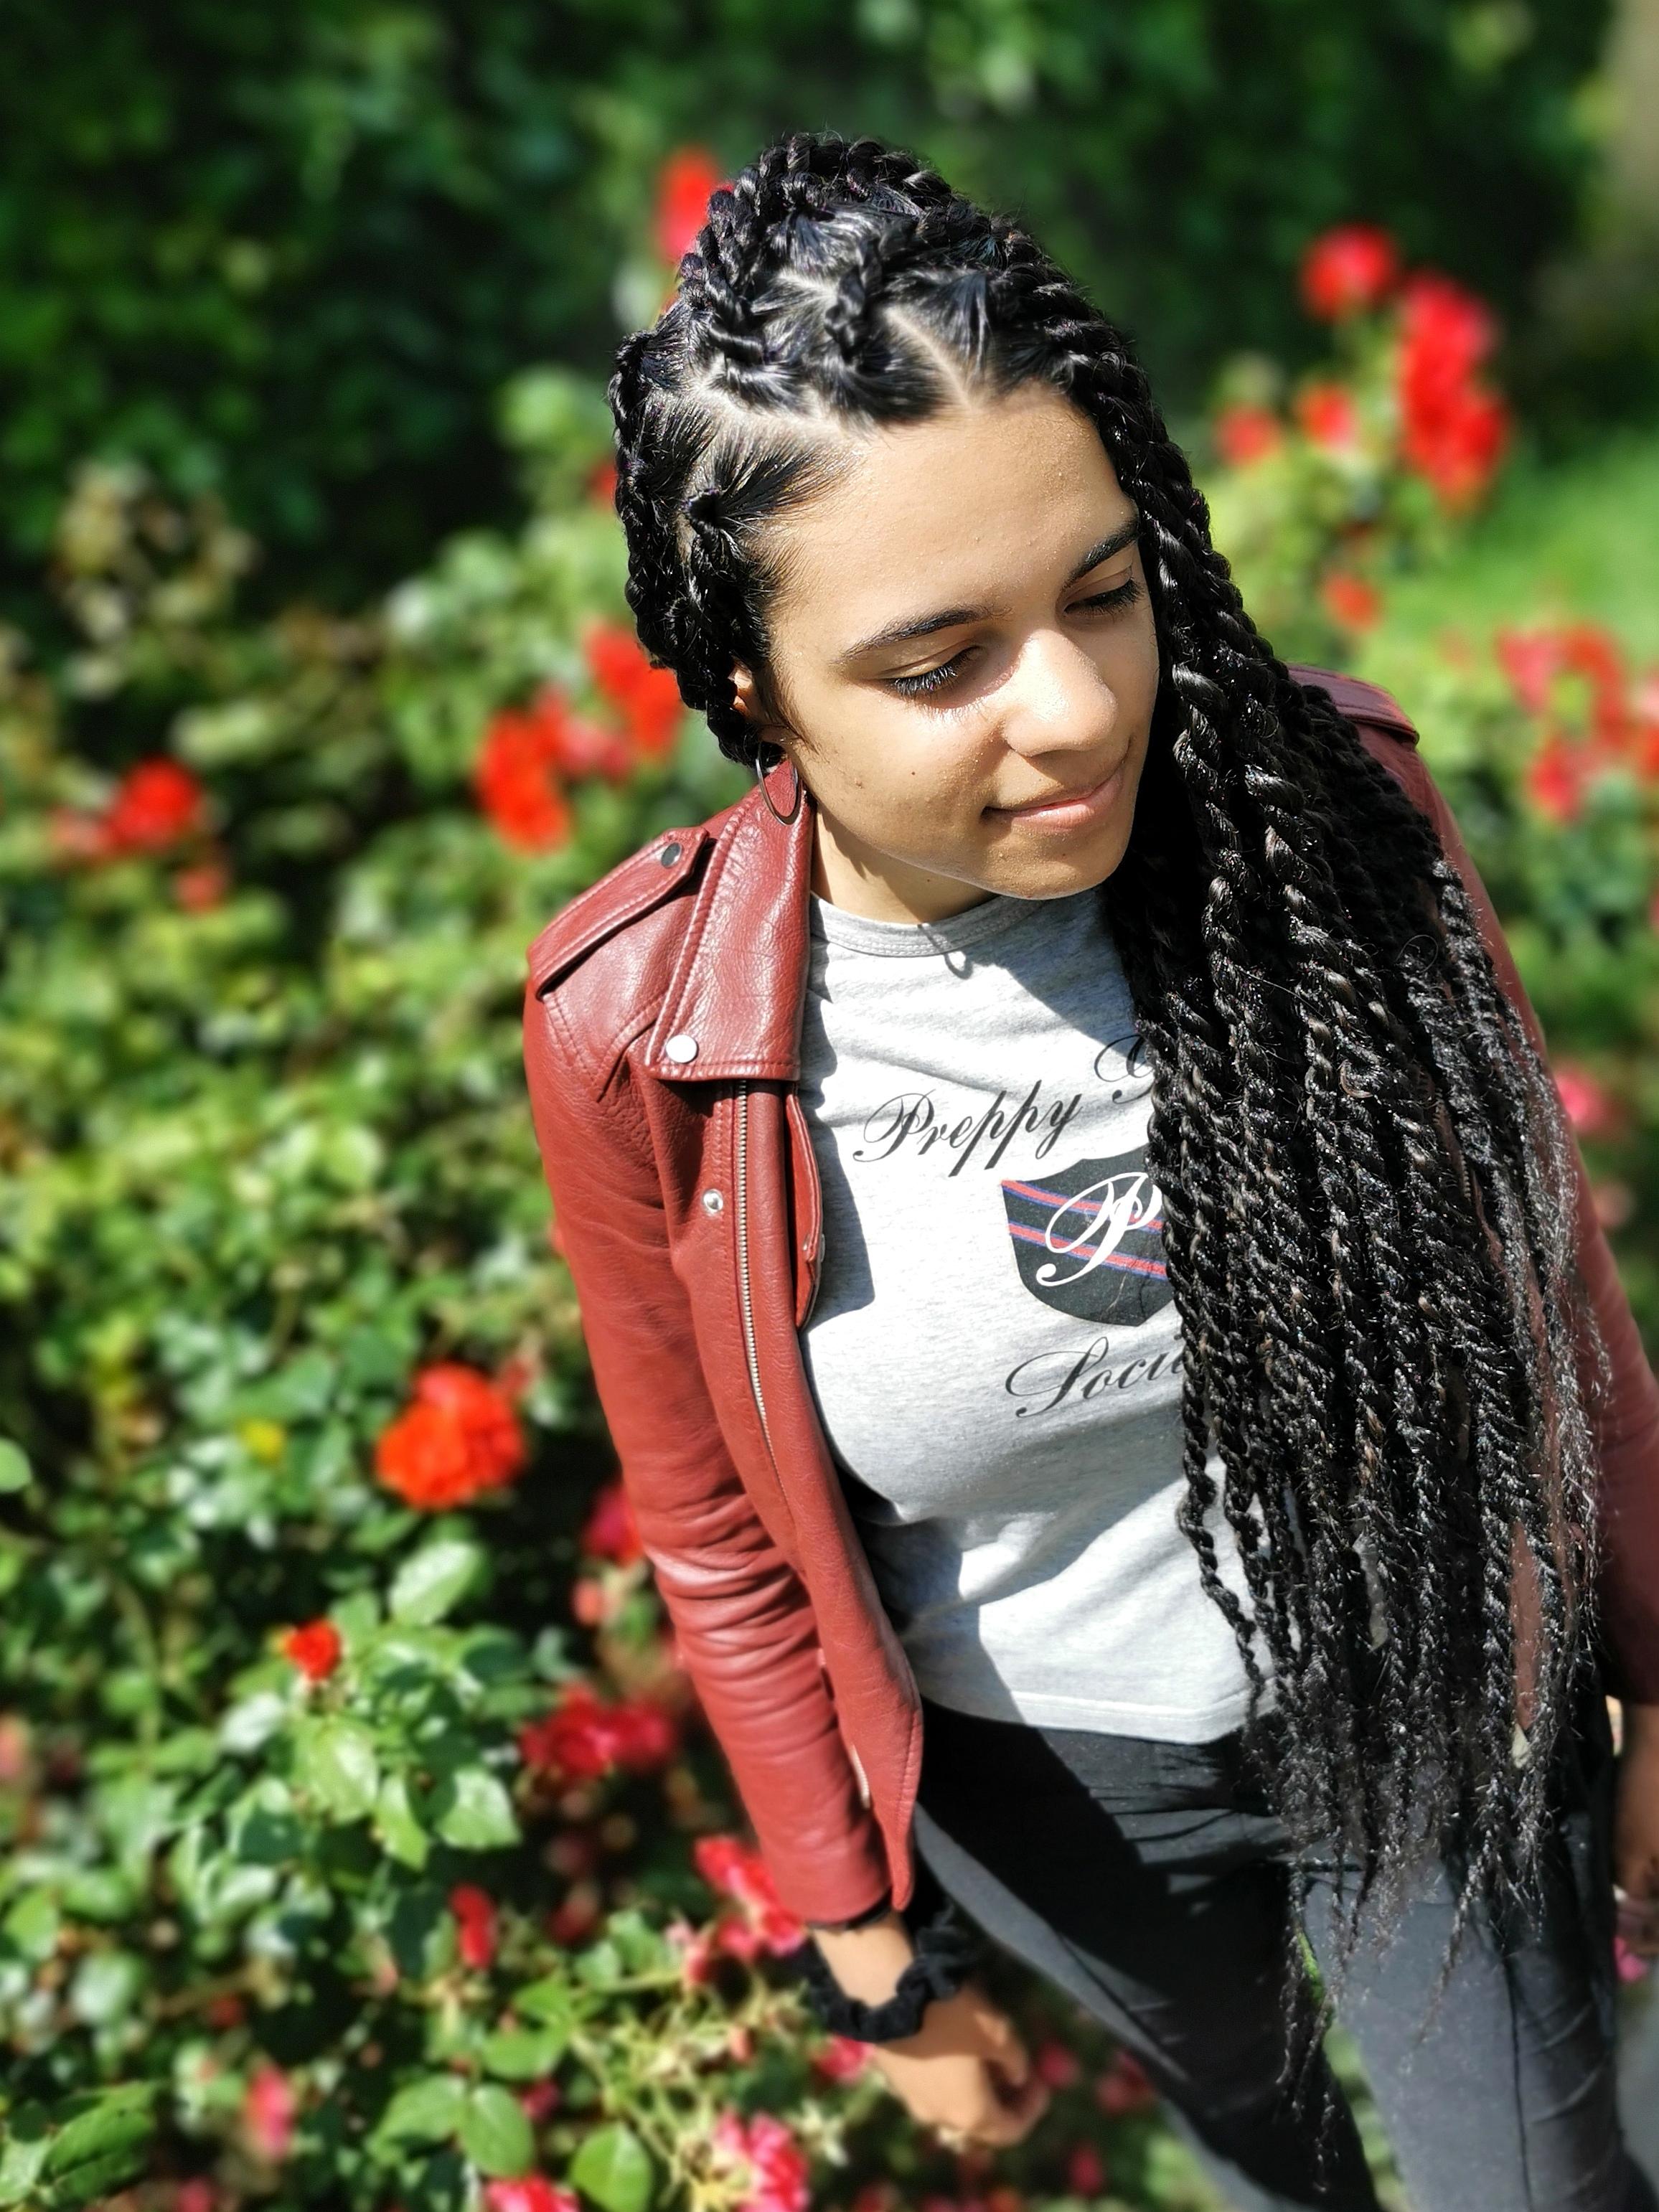 salon de coiffure afro tresse tresses box braids crochet braids vanilles tissages paris 75 77 78 91 92 93 94 95 SFFNSZYY